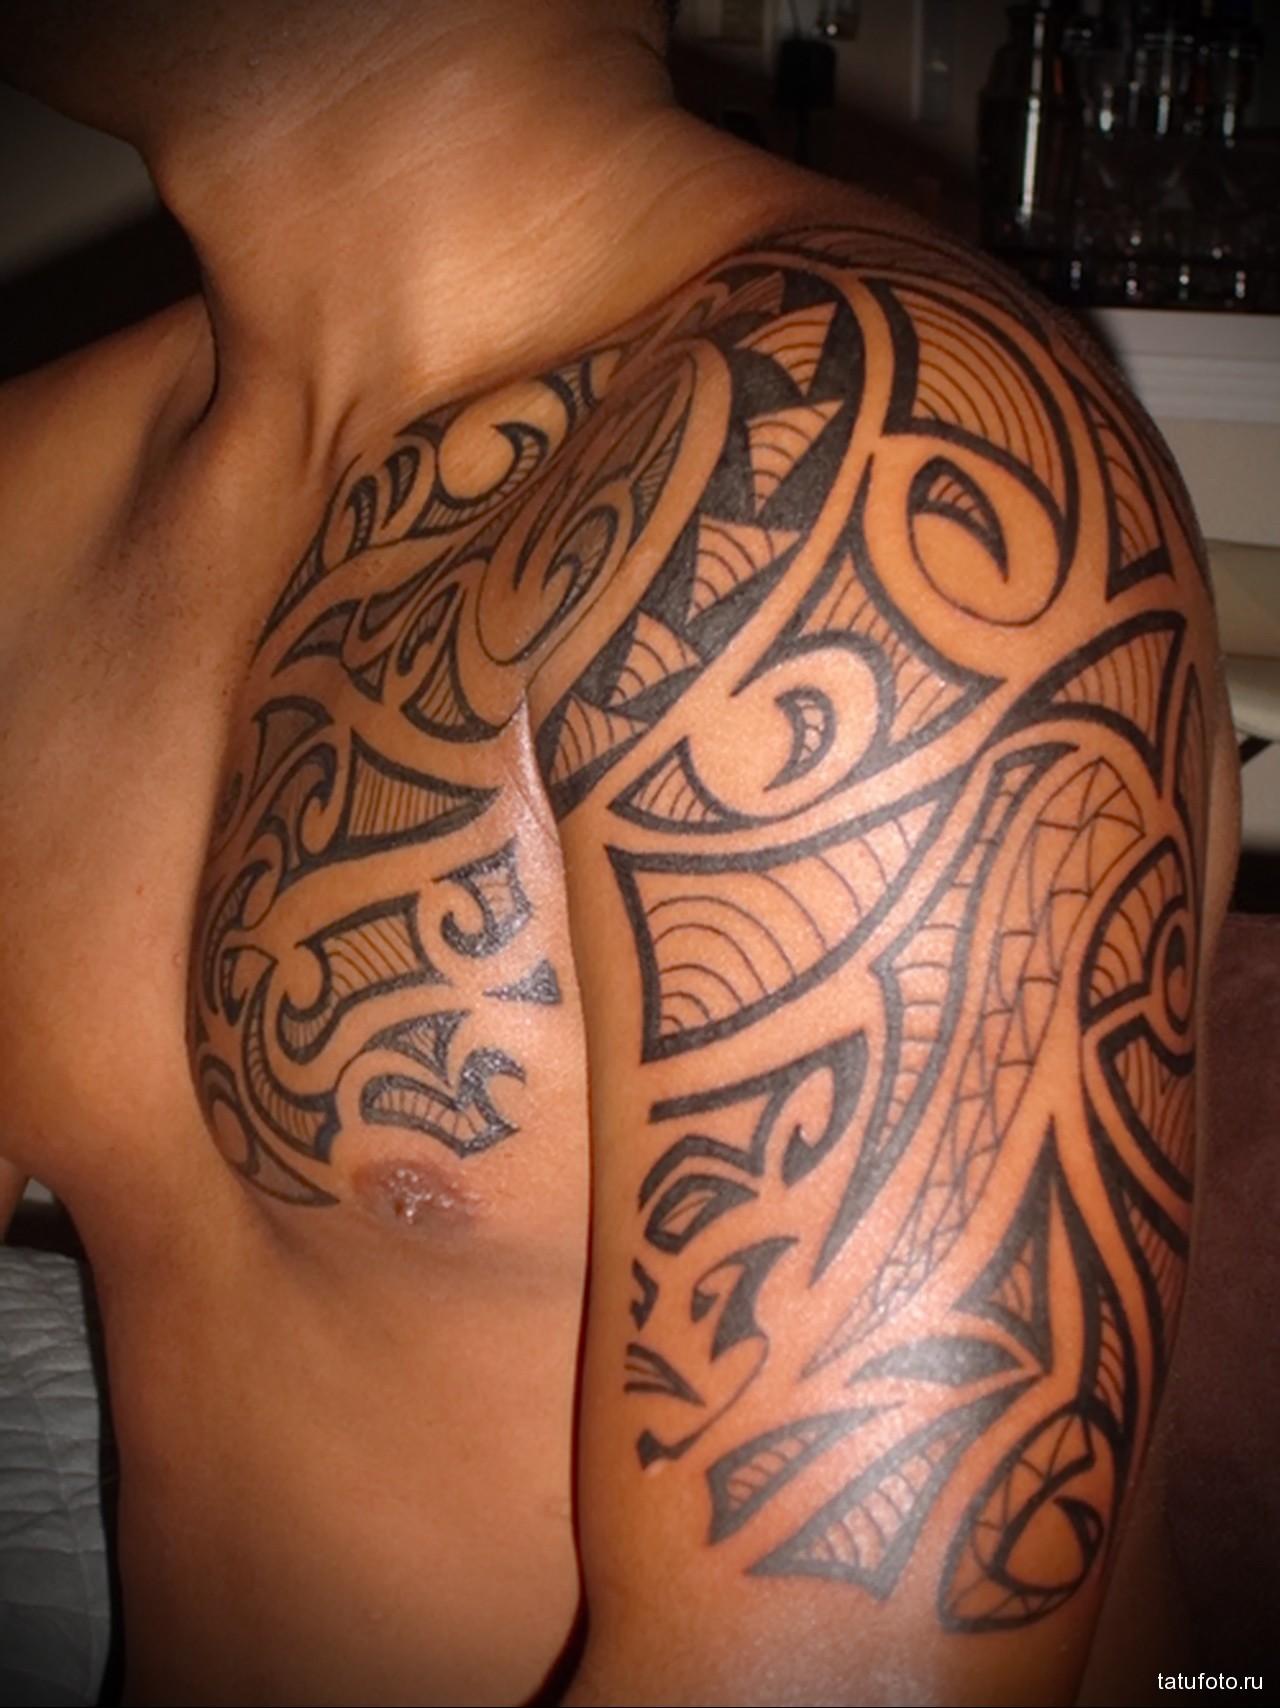 Сексуальные татуировки на плечо